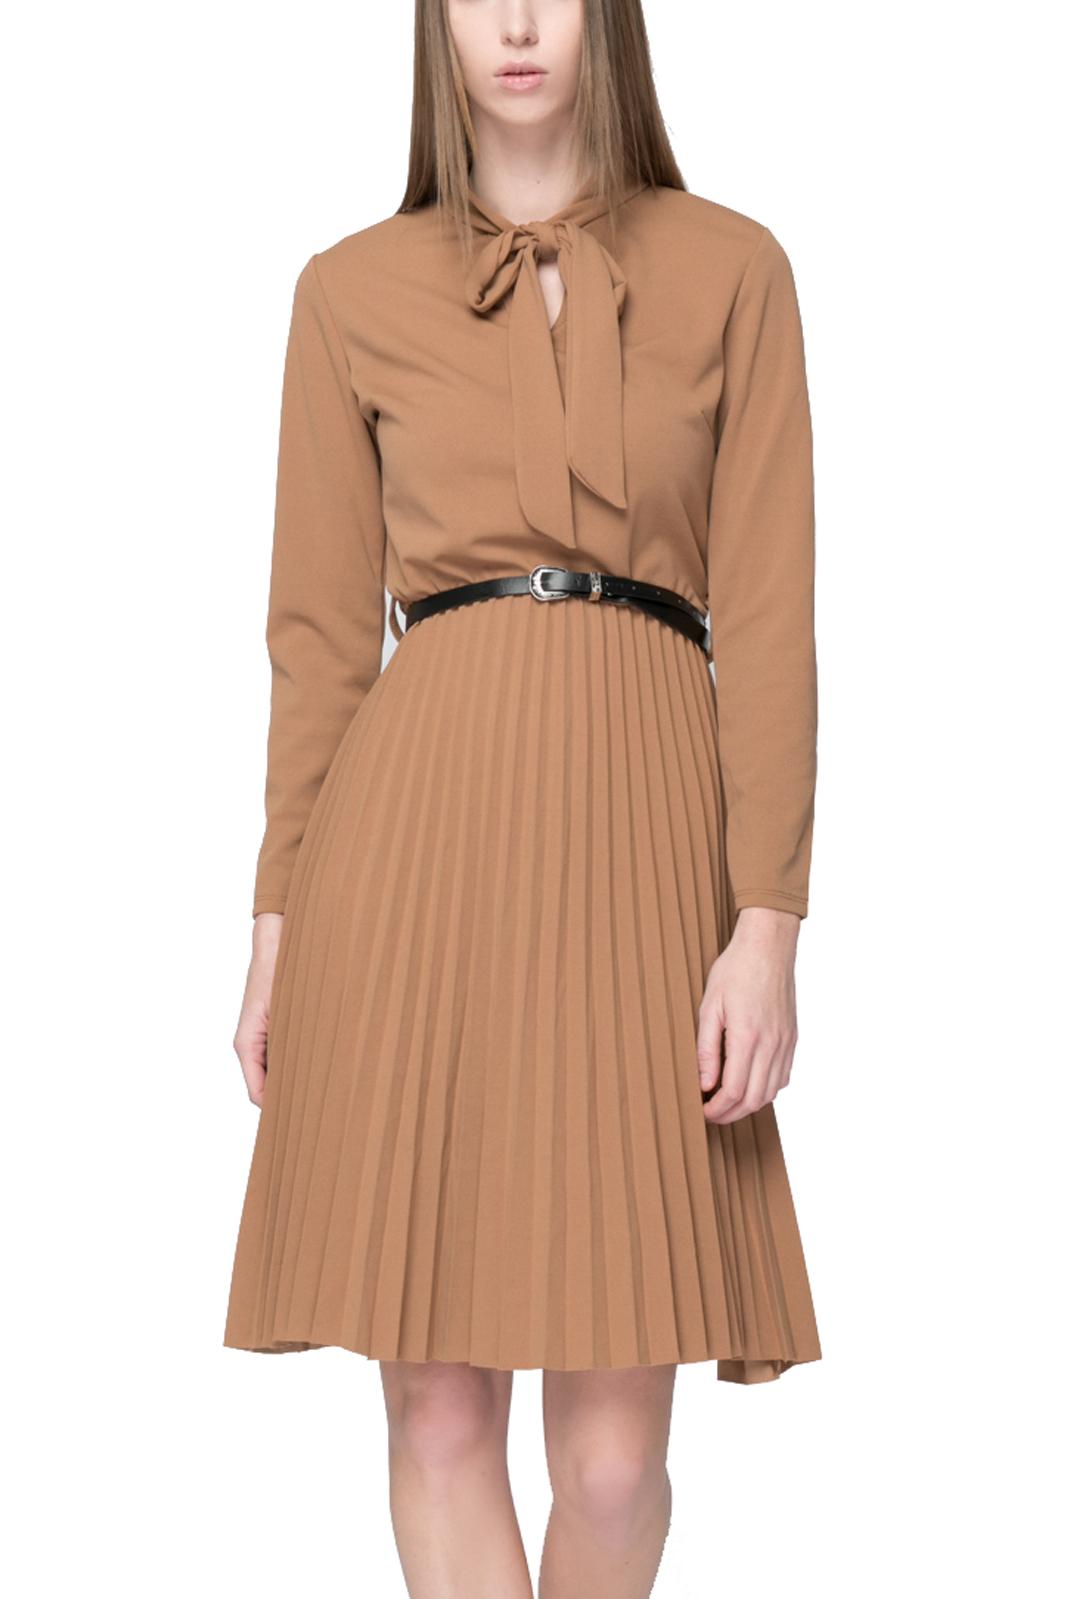 Μίντι Φόρεμα με Ζώνη γυναικεία   φορέματα   mίνι   μίντι